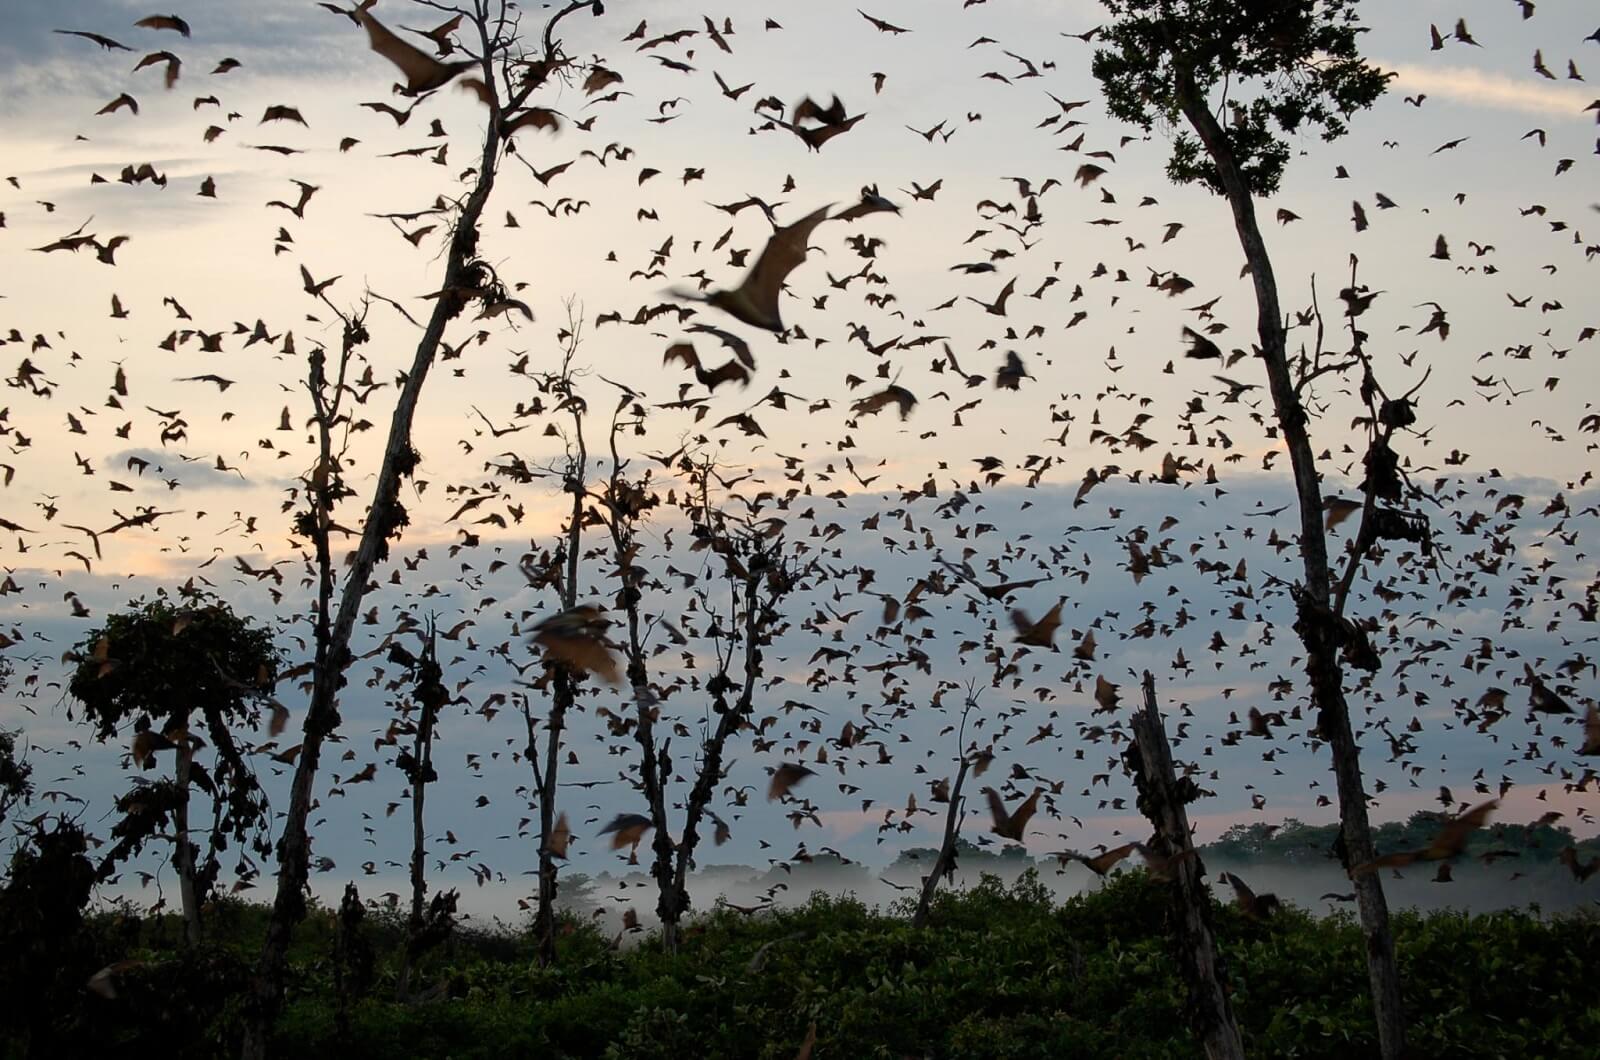 Die Fledermaus-Migration